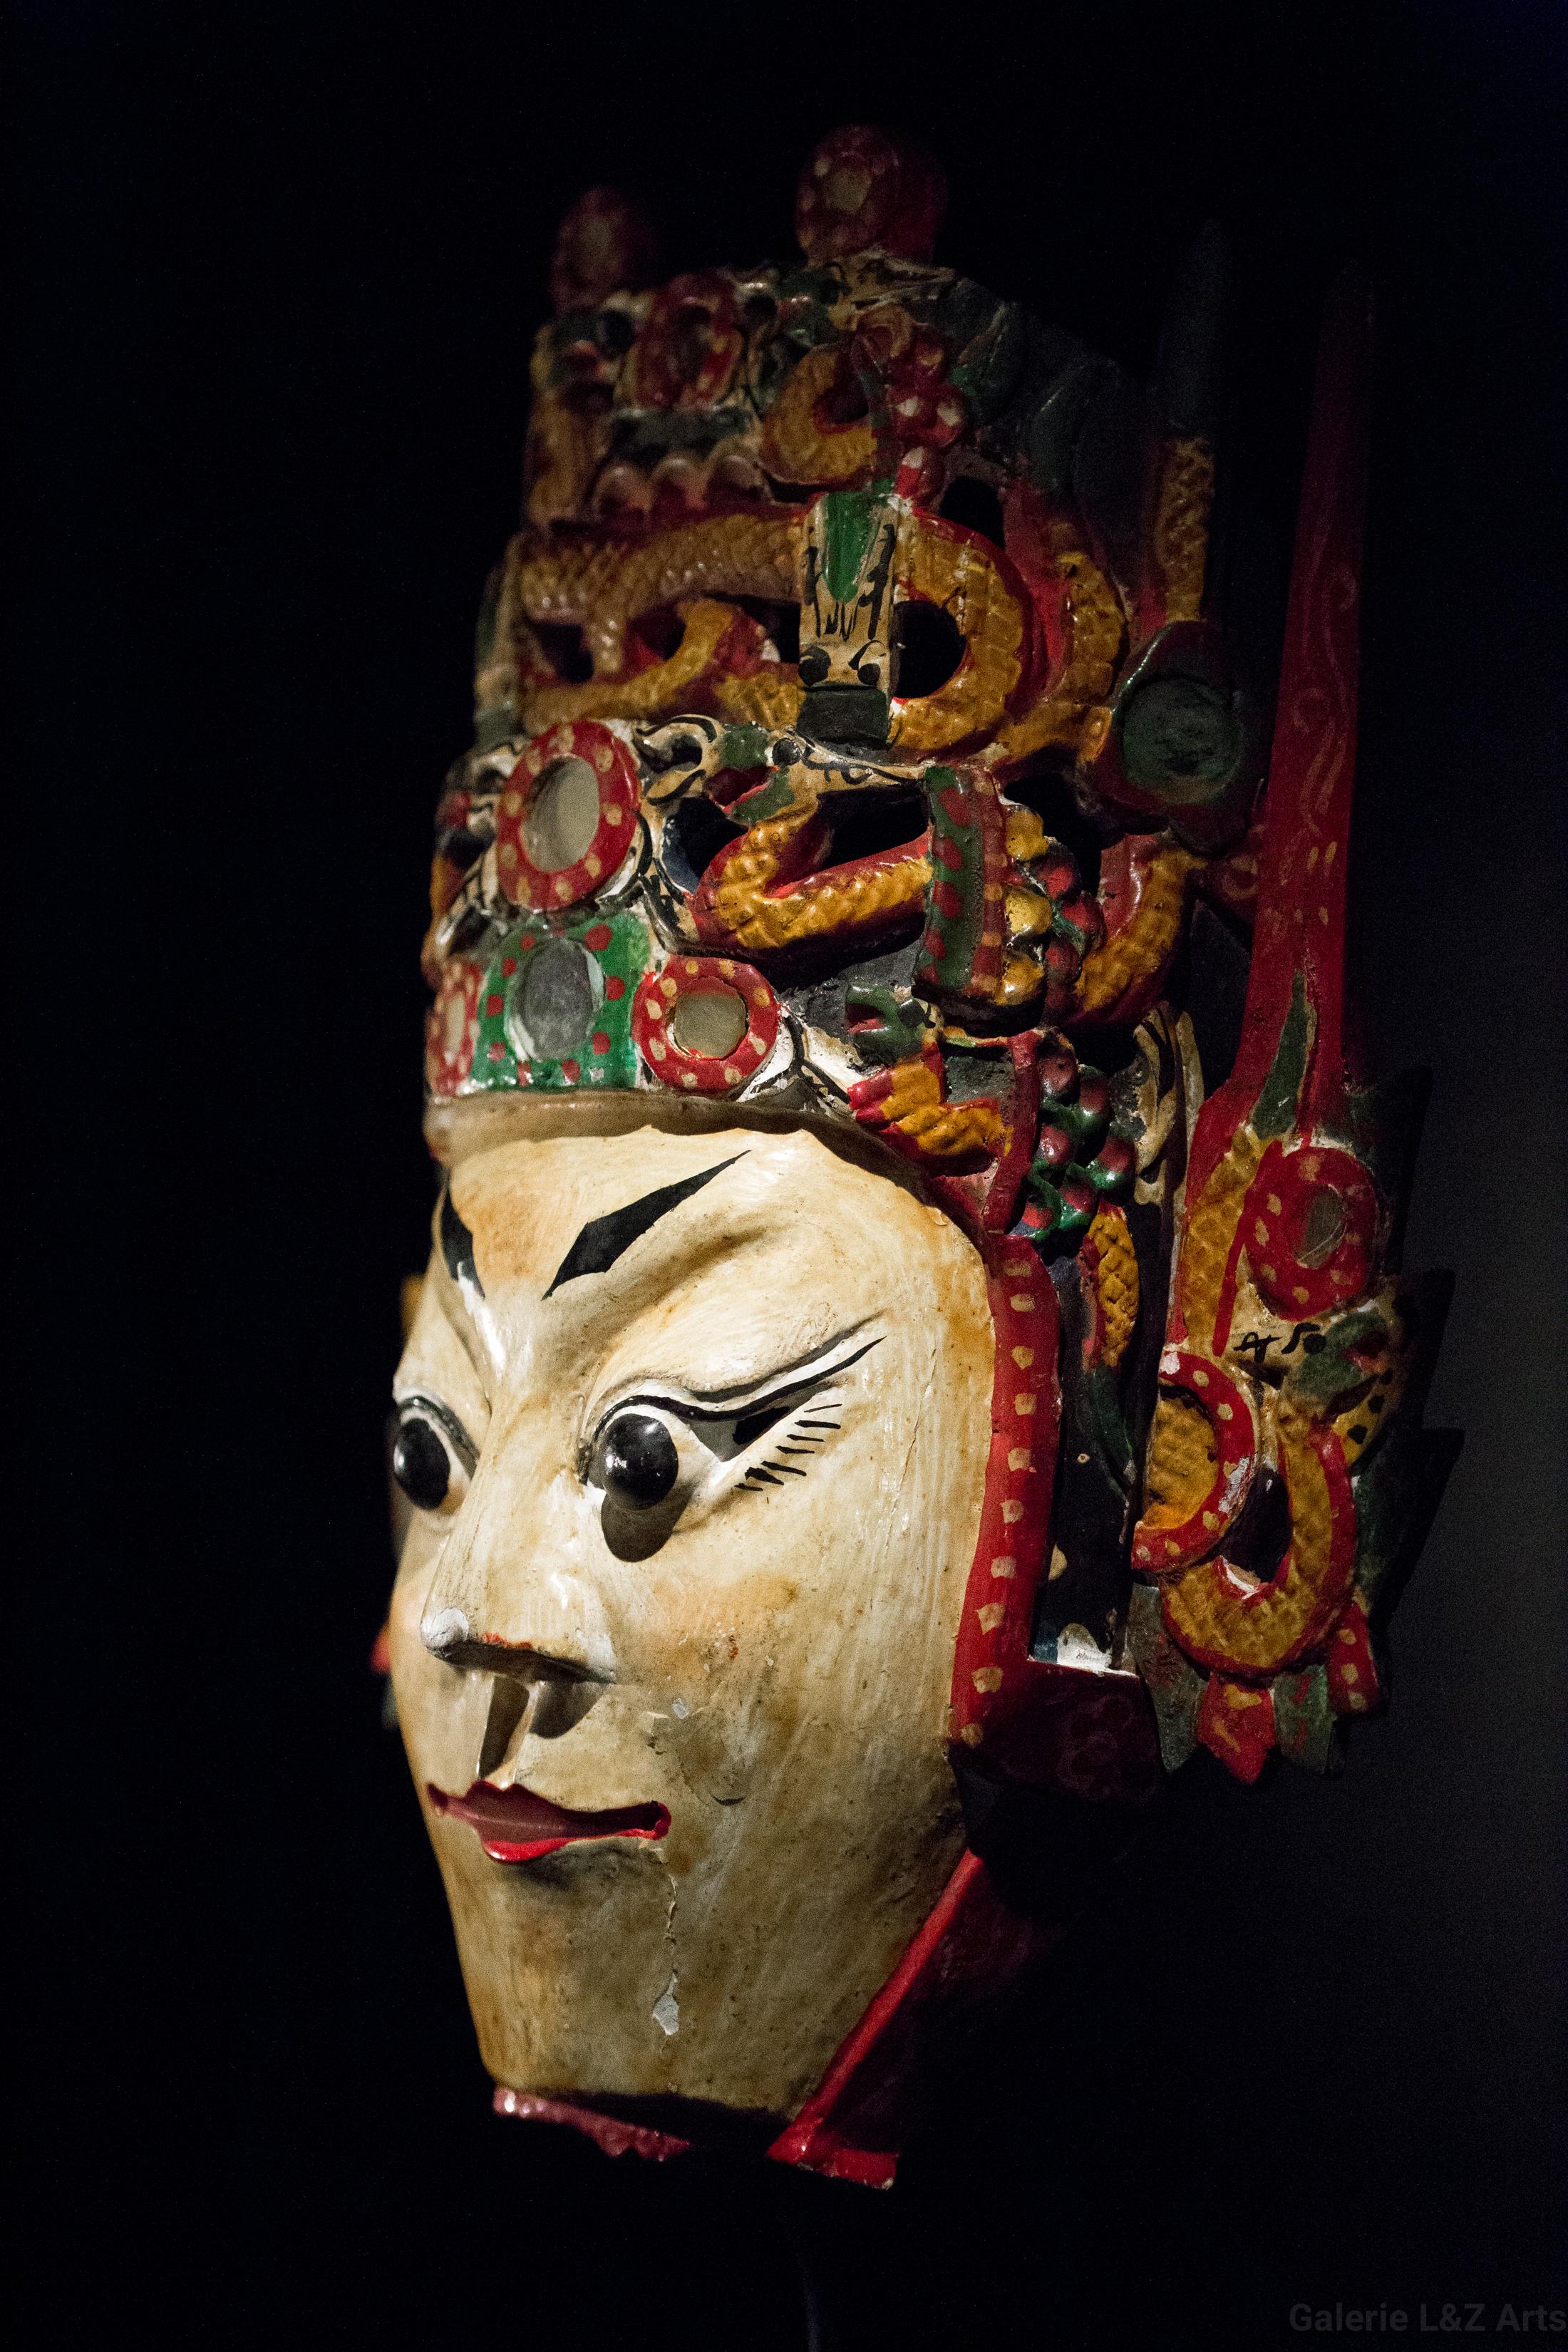 exposition-masque-art-tribal-africain-musee-quai-branly-belgique-galerie-lz-arts-liege-cite-miroir-oceanie-asie-japon-amerique-art-premier-nepal-38.jpg